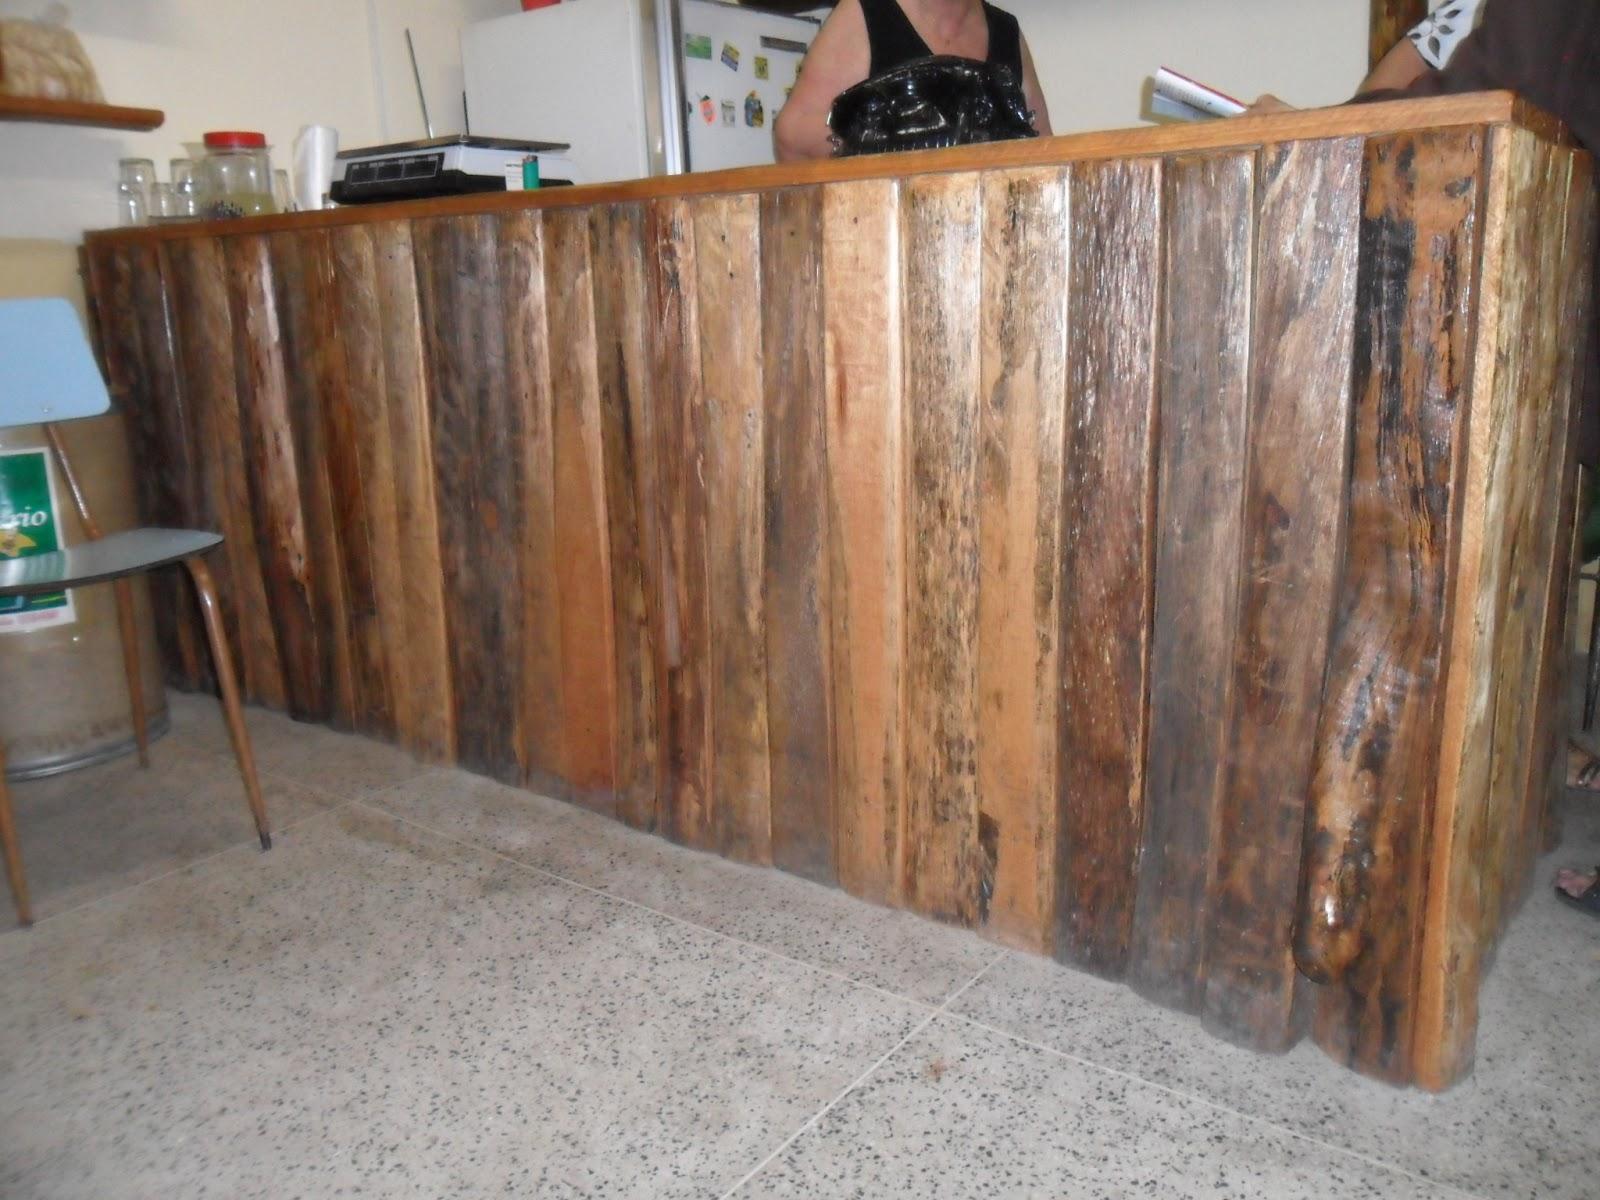 JL Móveis RS Marcenaria: Balcão Rústico para Loja #90603B 1600x1200 Balcao Banheiro Rustico